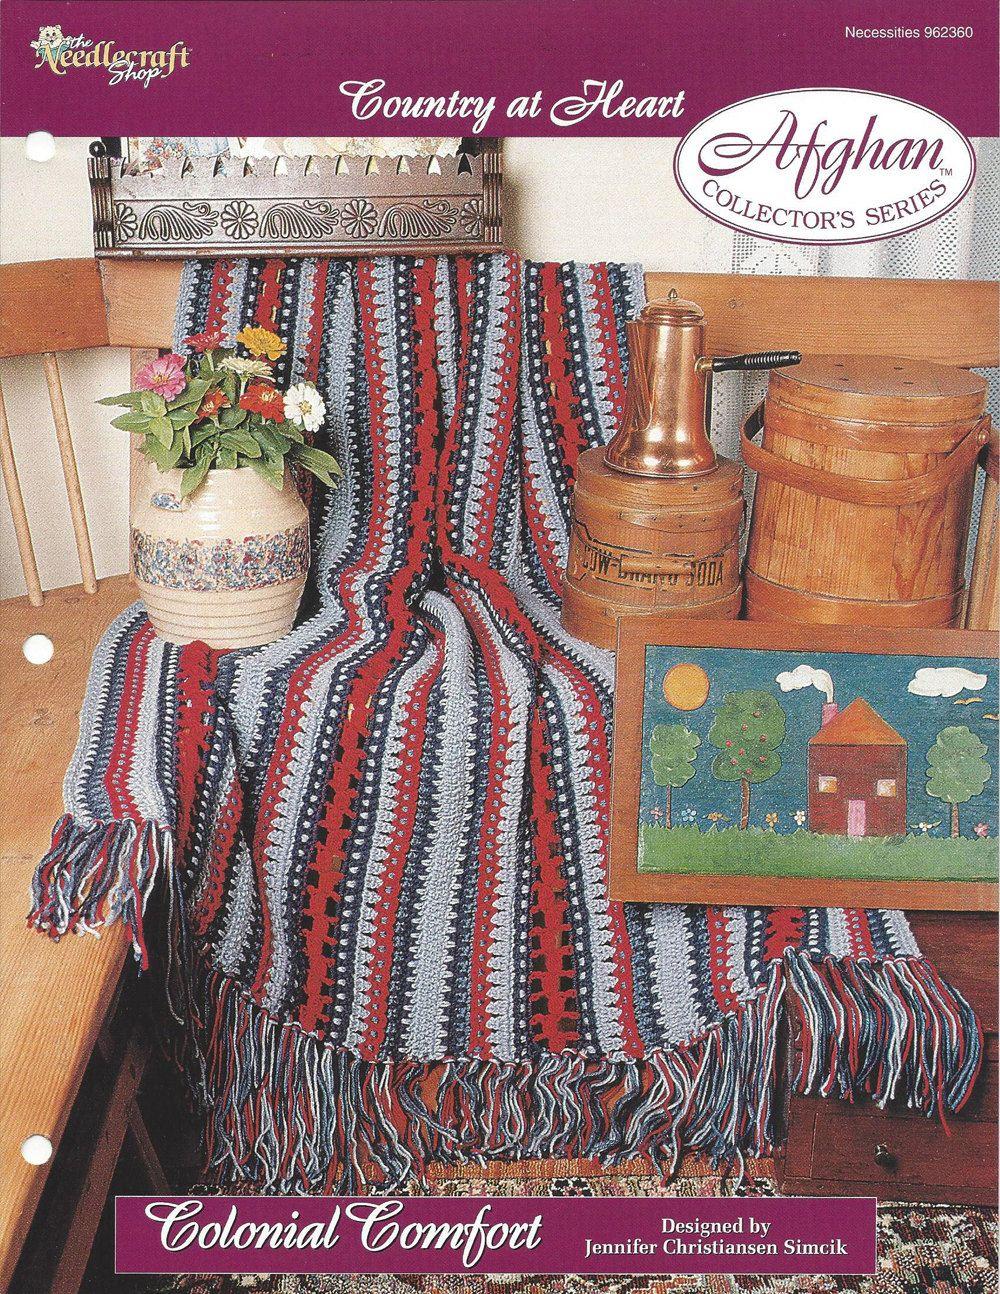 👱🏼 Crochê listra afegão Padrão Decoração do lar Malha itens decorativos Criações -  /   👱🏼 Crochet Stripe Afghan Pattern Home Décor  Knit Knacks Creations -